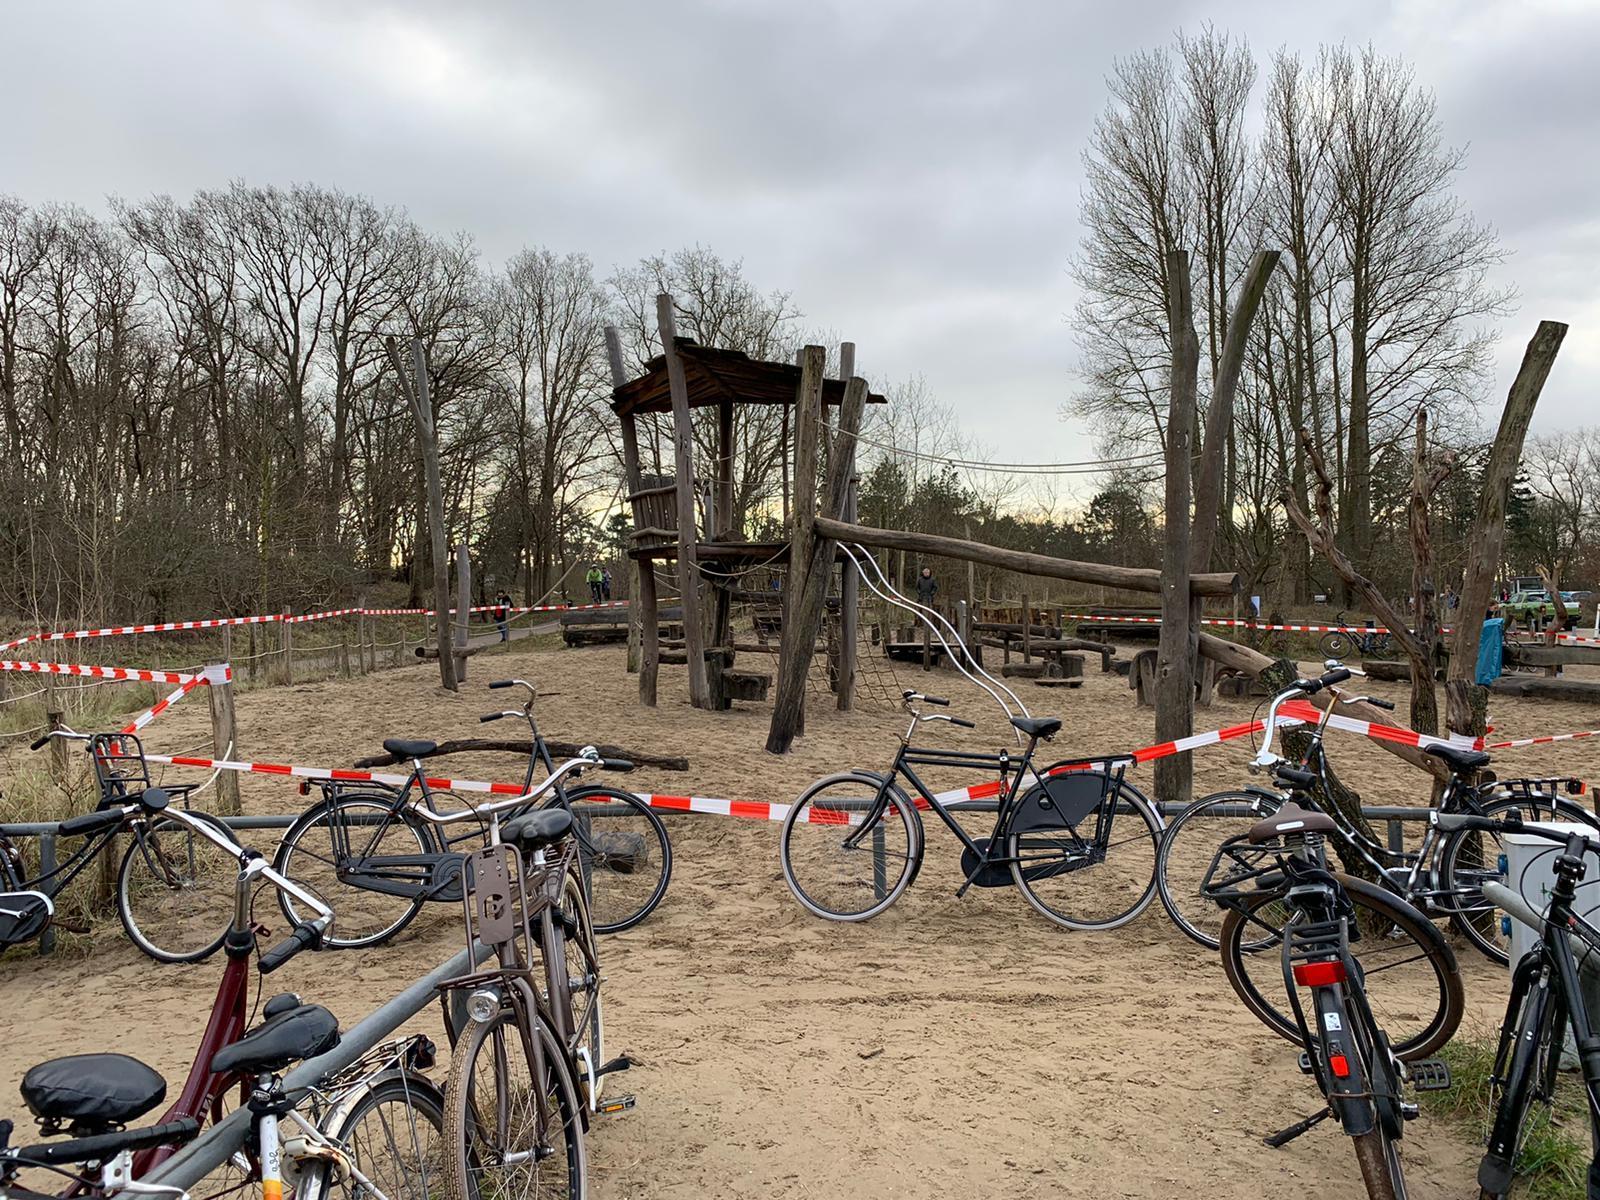 Opnieuw drukte verwacht in natuurgebieden bij Haarlem; PWN sluit uit voorzorg speeltuin bij het Wed in Overveen